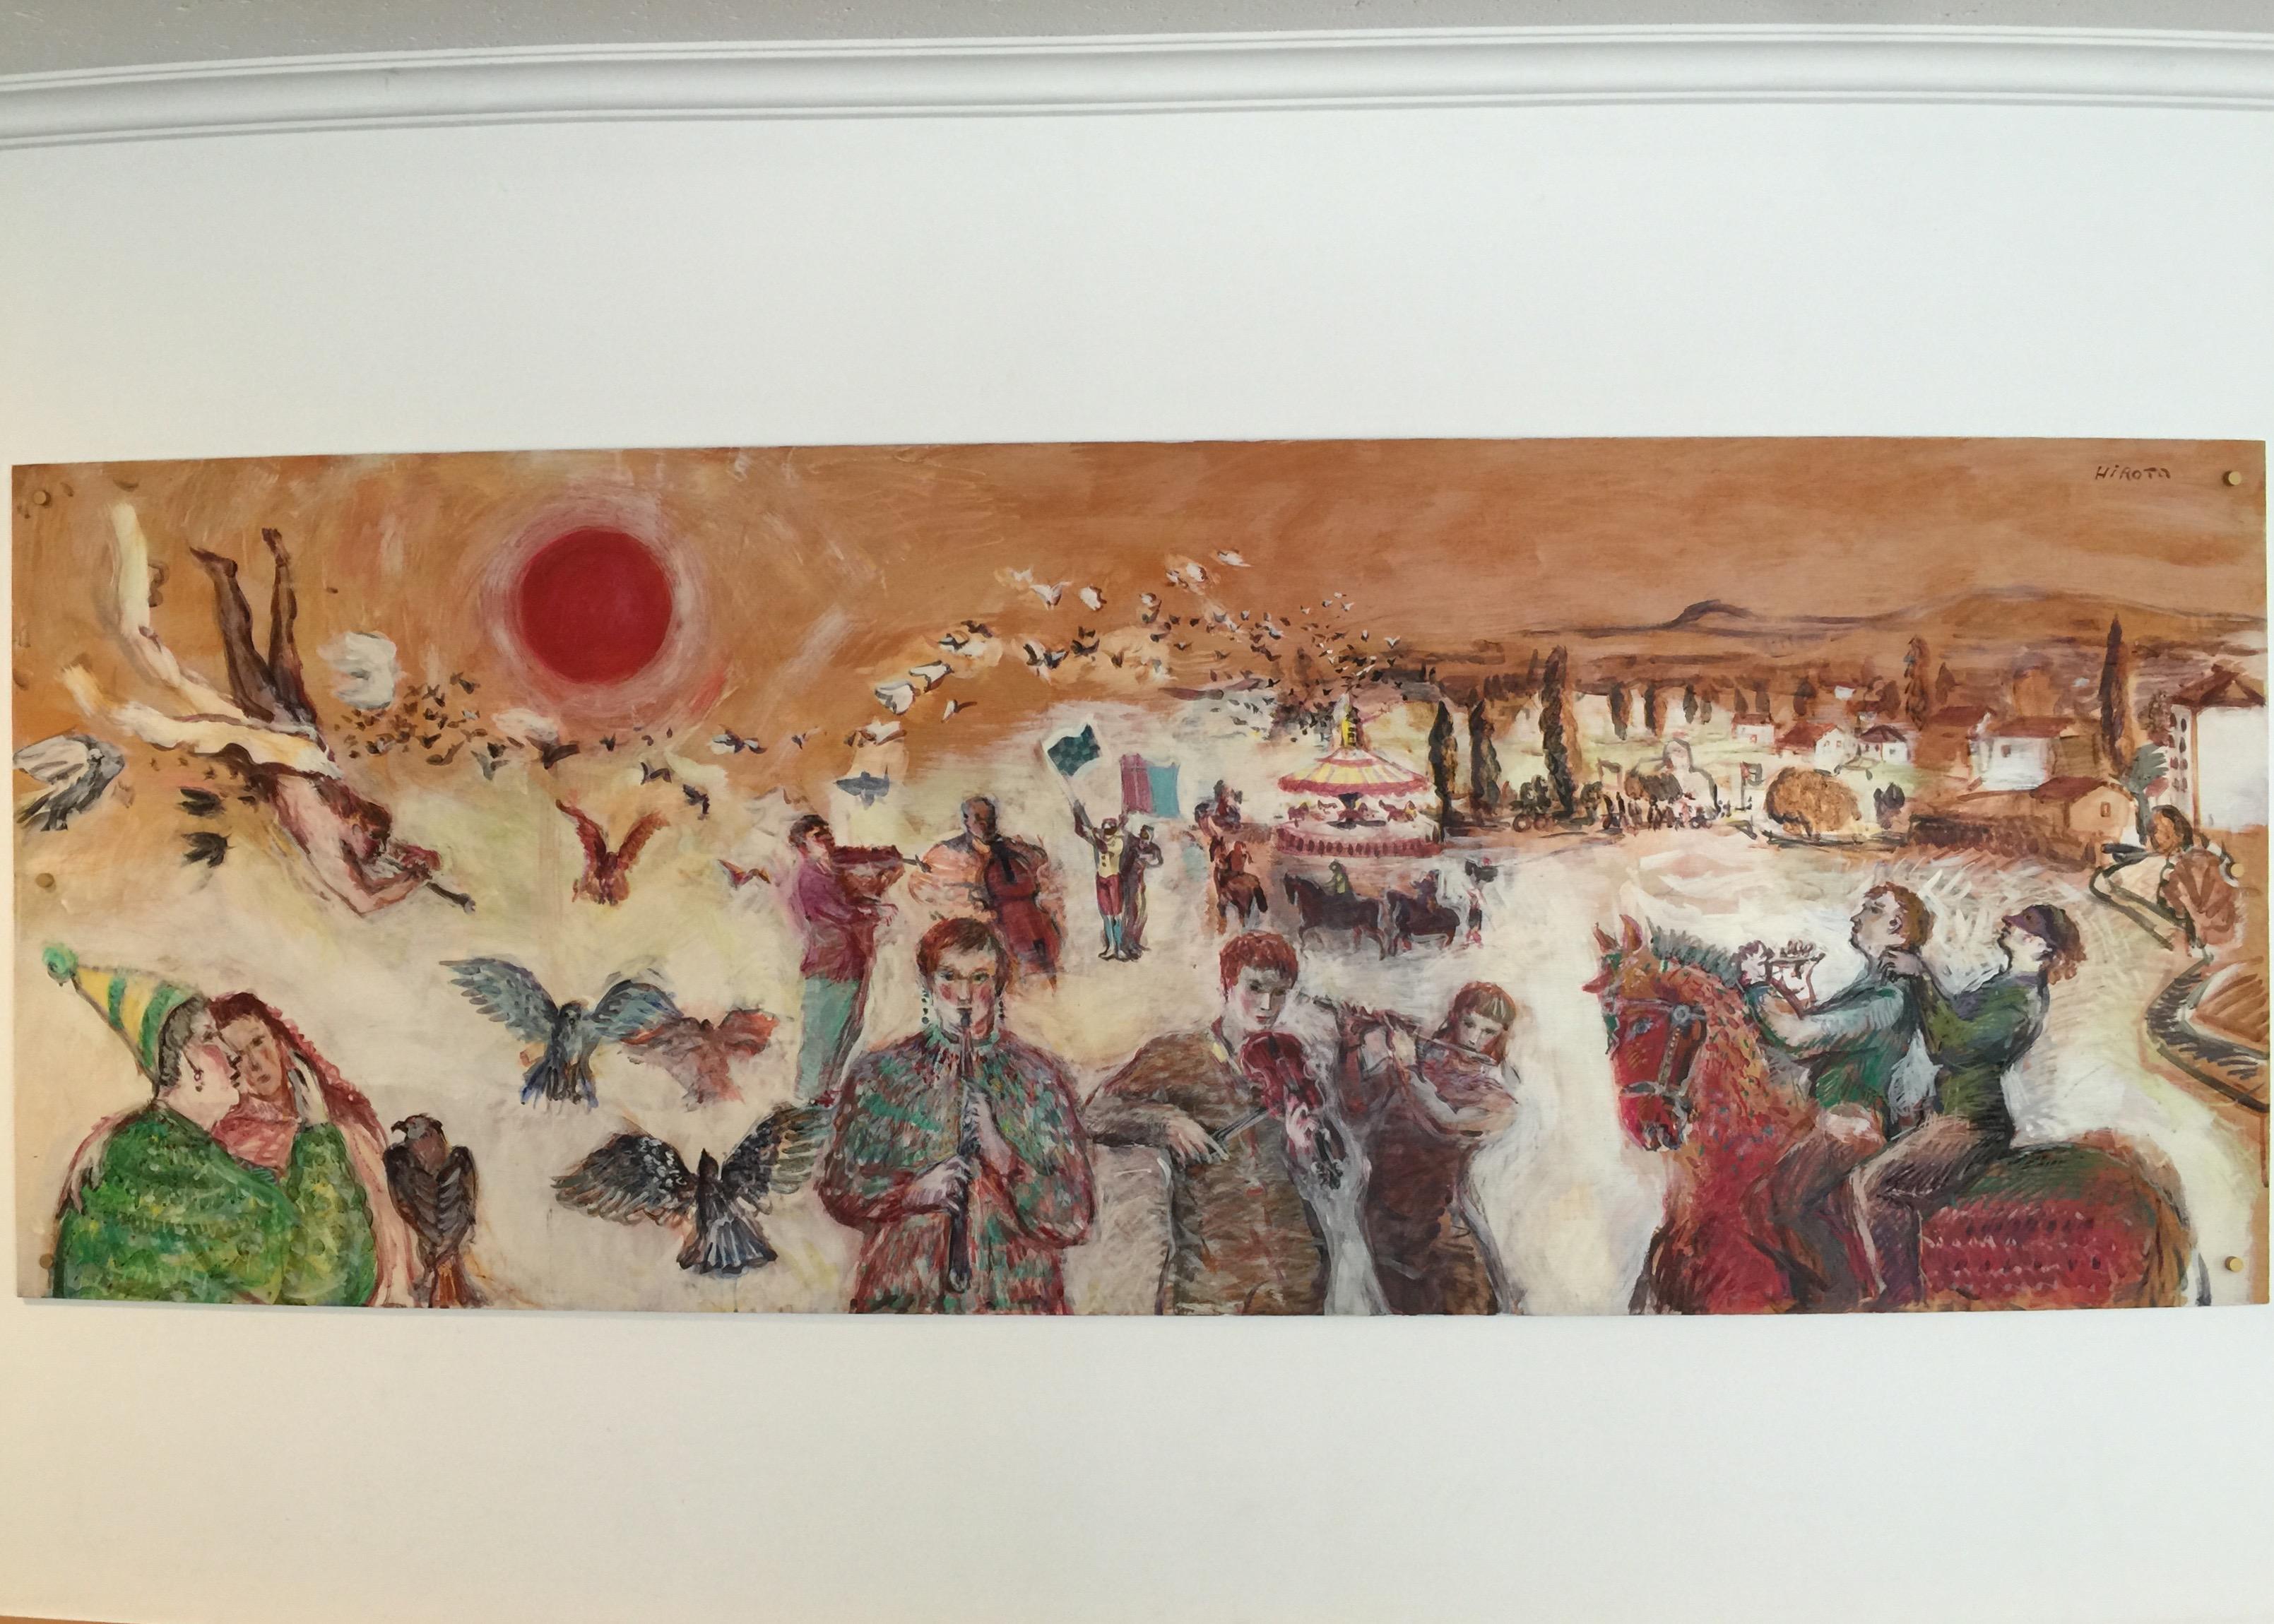 ライオンズヒルス壁画 2